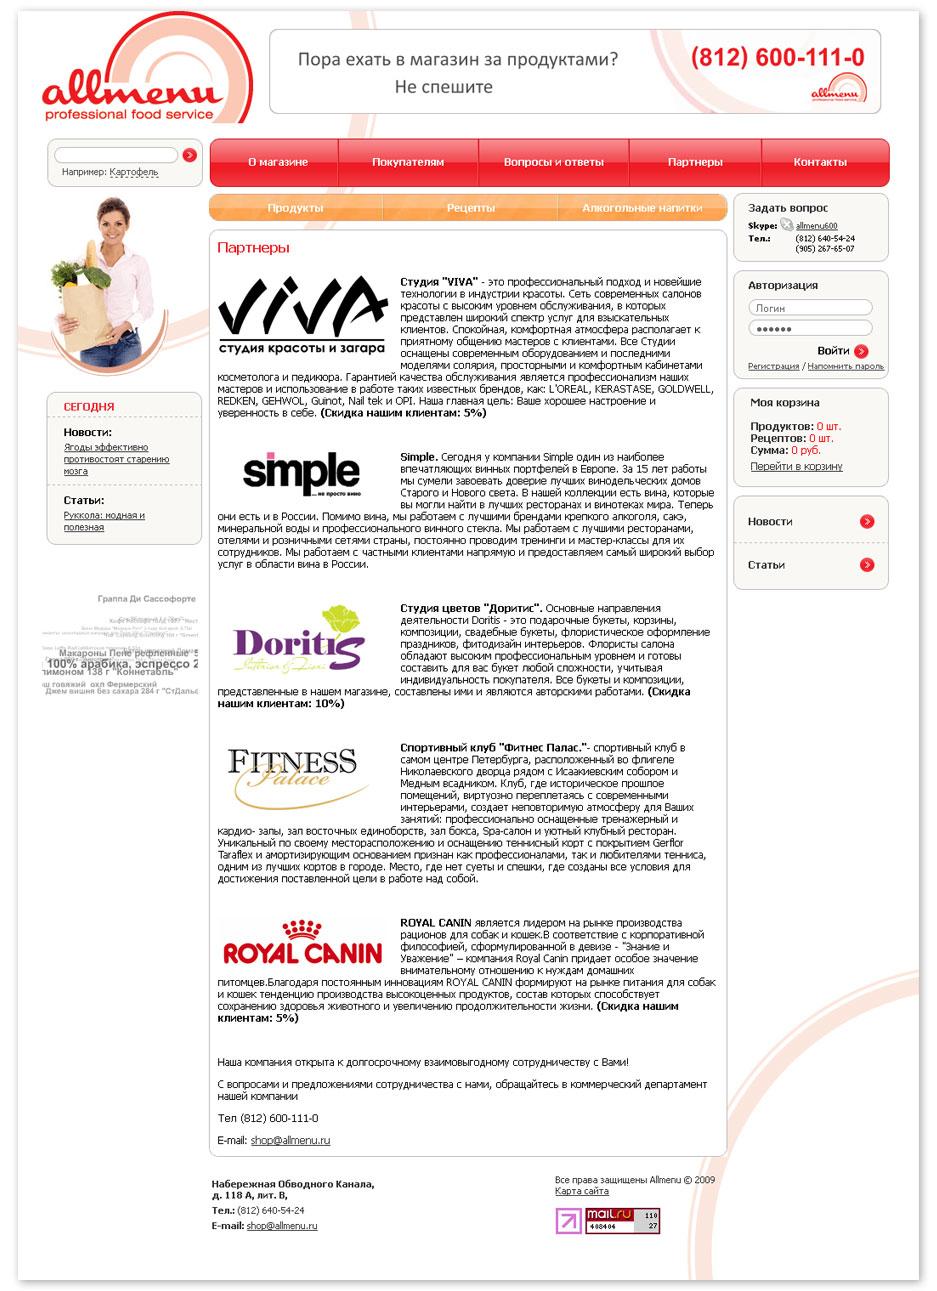 Разработка сайта продуктового супермаркета «Allmenu» - 9